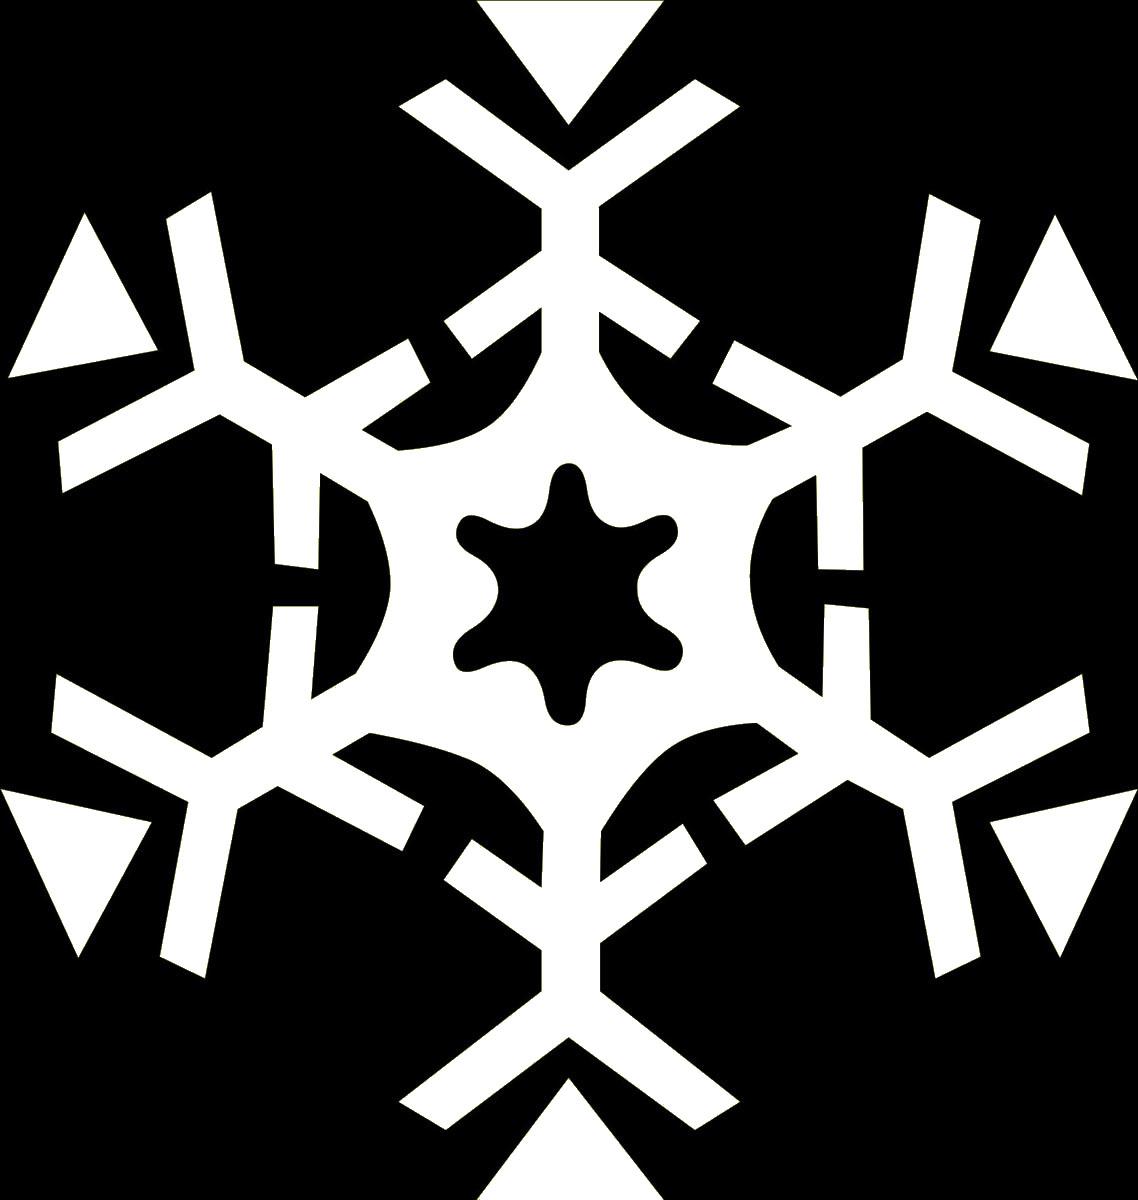 Наклейка автомобильная Оранжевый слоник Снежинка 1, виниловая, цвет: белый150NG0009WОригинальная наклейка Оранжевый слоник Снежинка 1 изготовлена из высококачественной виниловой пленки, которая выполняет не только декоративную функцию, но и защищает кузов автомобиля от небольших механических повреждений, либо скрывает уже существующие.Виниловые наклейки на автомобиль - это не только красиво, но еще и быстро! Всего за несколько минут вы можете полностью преобразить свой автомобиль, сделать его ярким, необычным, особенным и неповторимым!